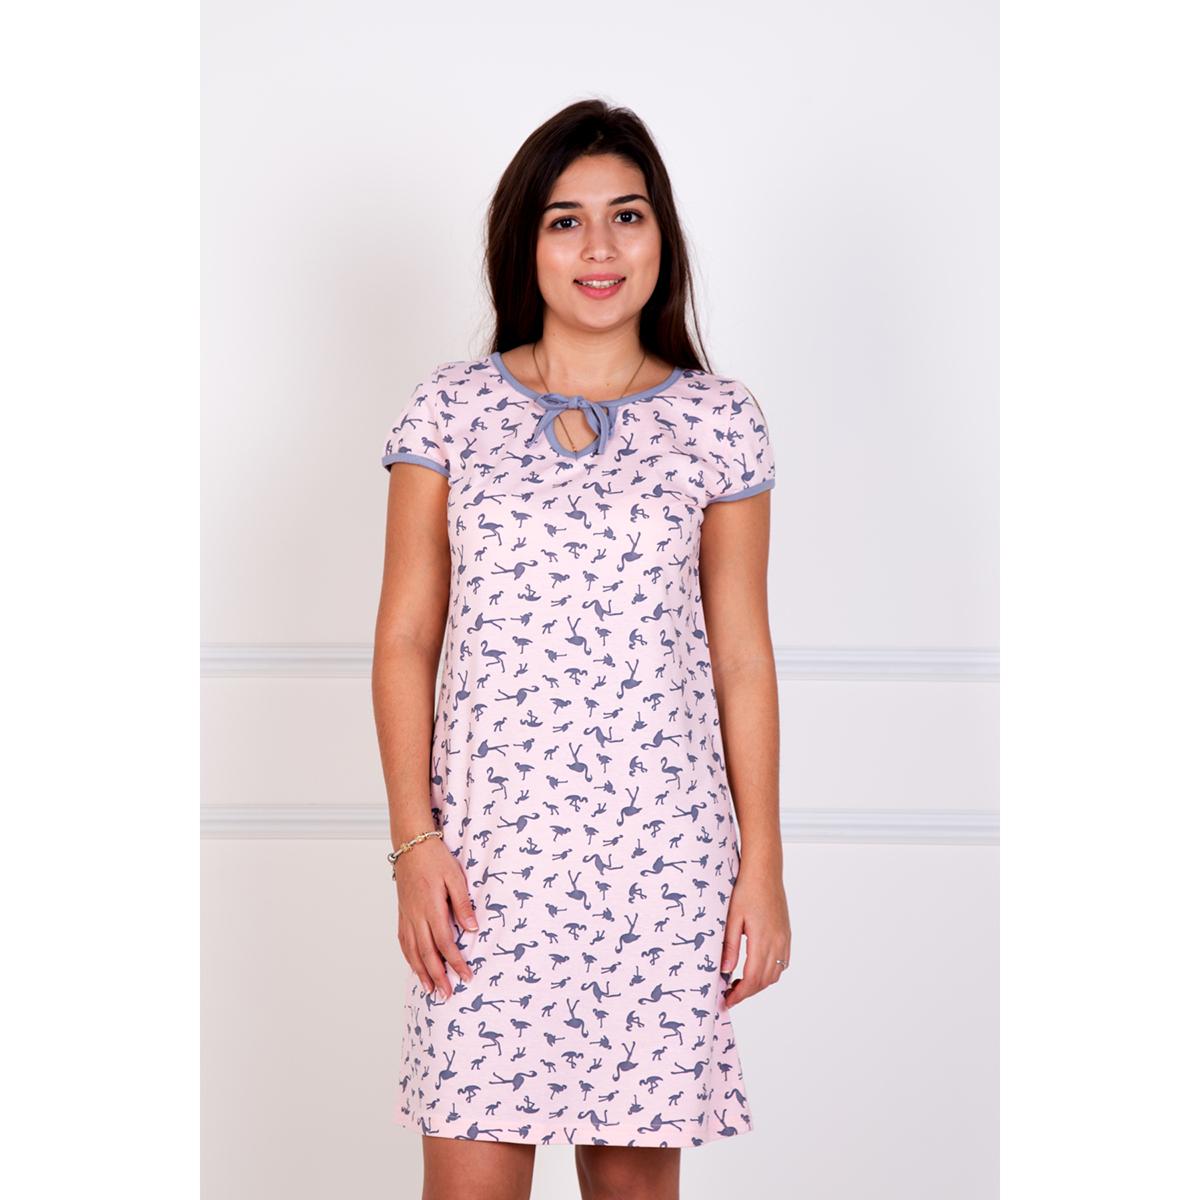 Женская сорочка Фламинго, размер 48Ночные сорочки<br>Обхват груди:96 см<br>Обхват талии:78 см<br>Обхват бедер:104 см<br>Рост:167 см<br><br>Тип: Жен. сорочка<br>Размер: 48<br>Материал: Кулирка